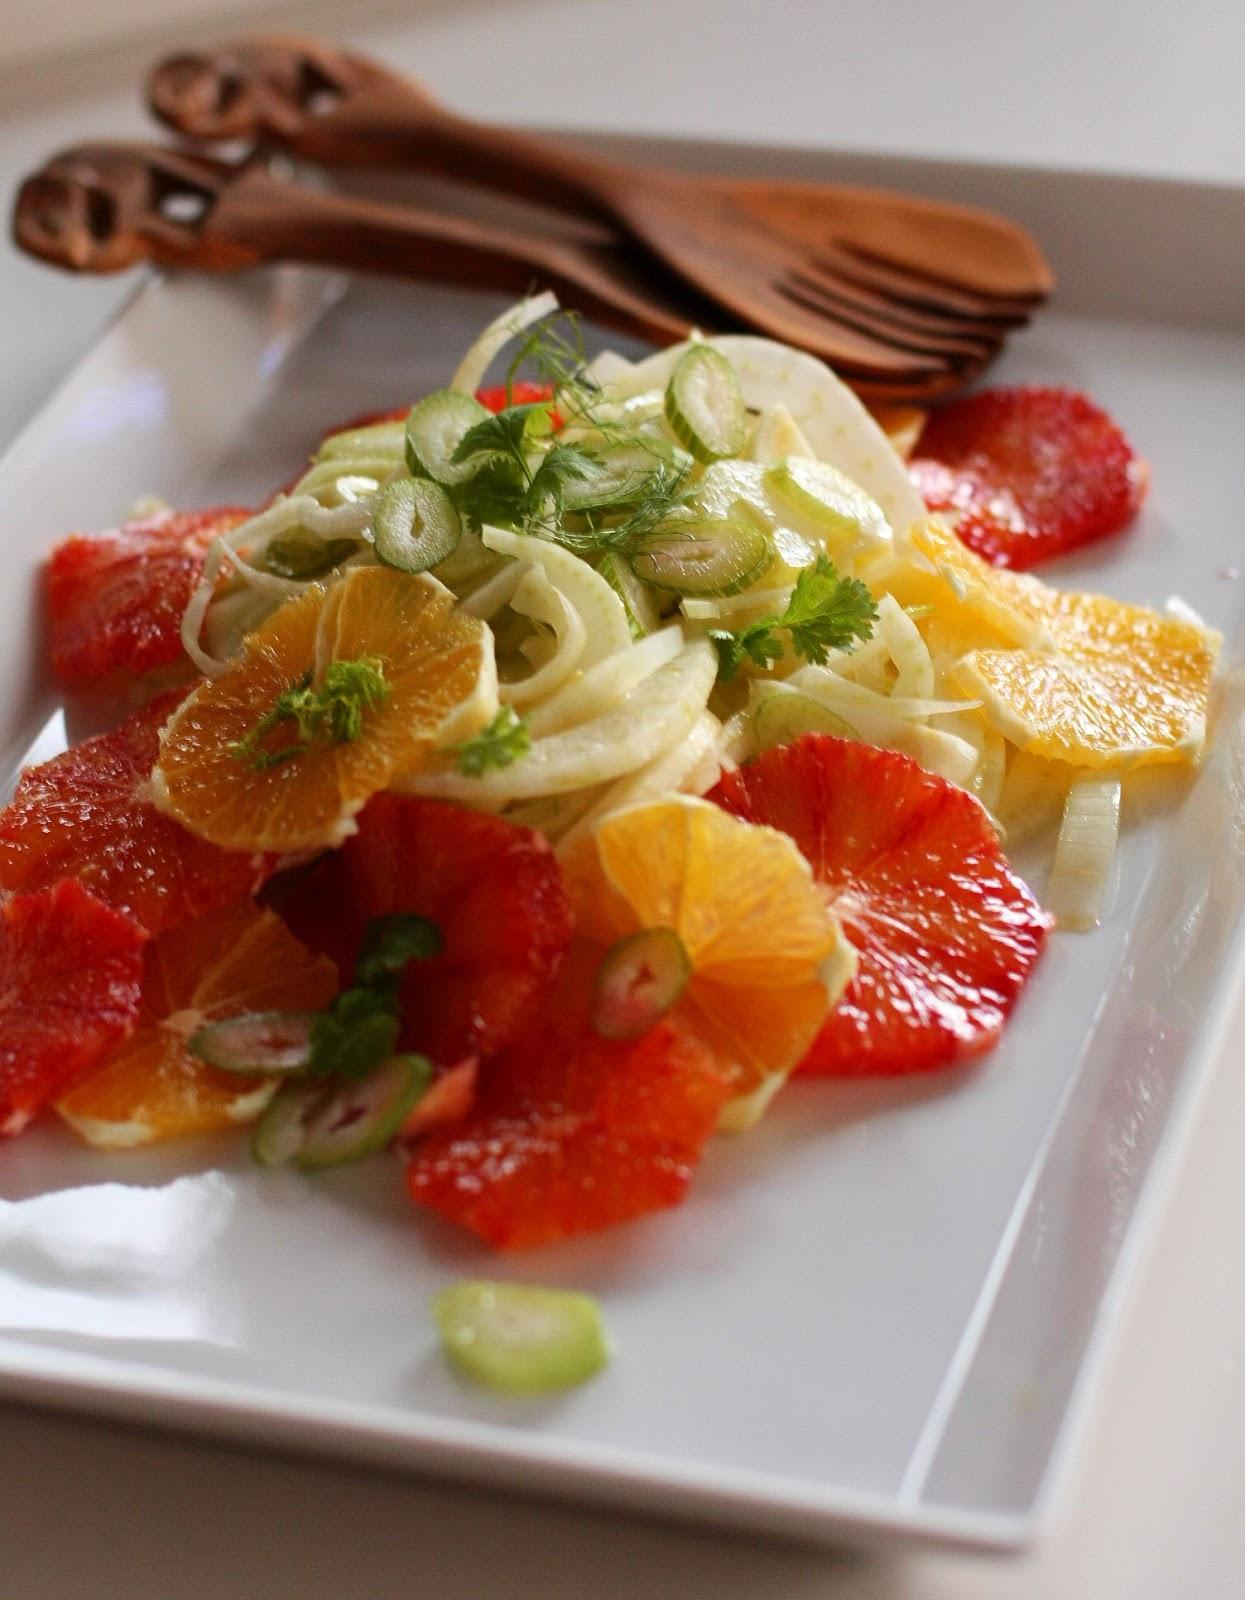 fenkoli-sitrussalaatti veriappelsiini appelsiini fenkoli salaatti